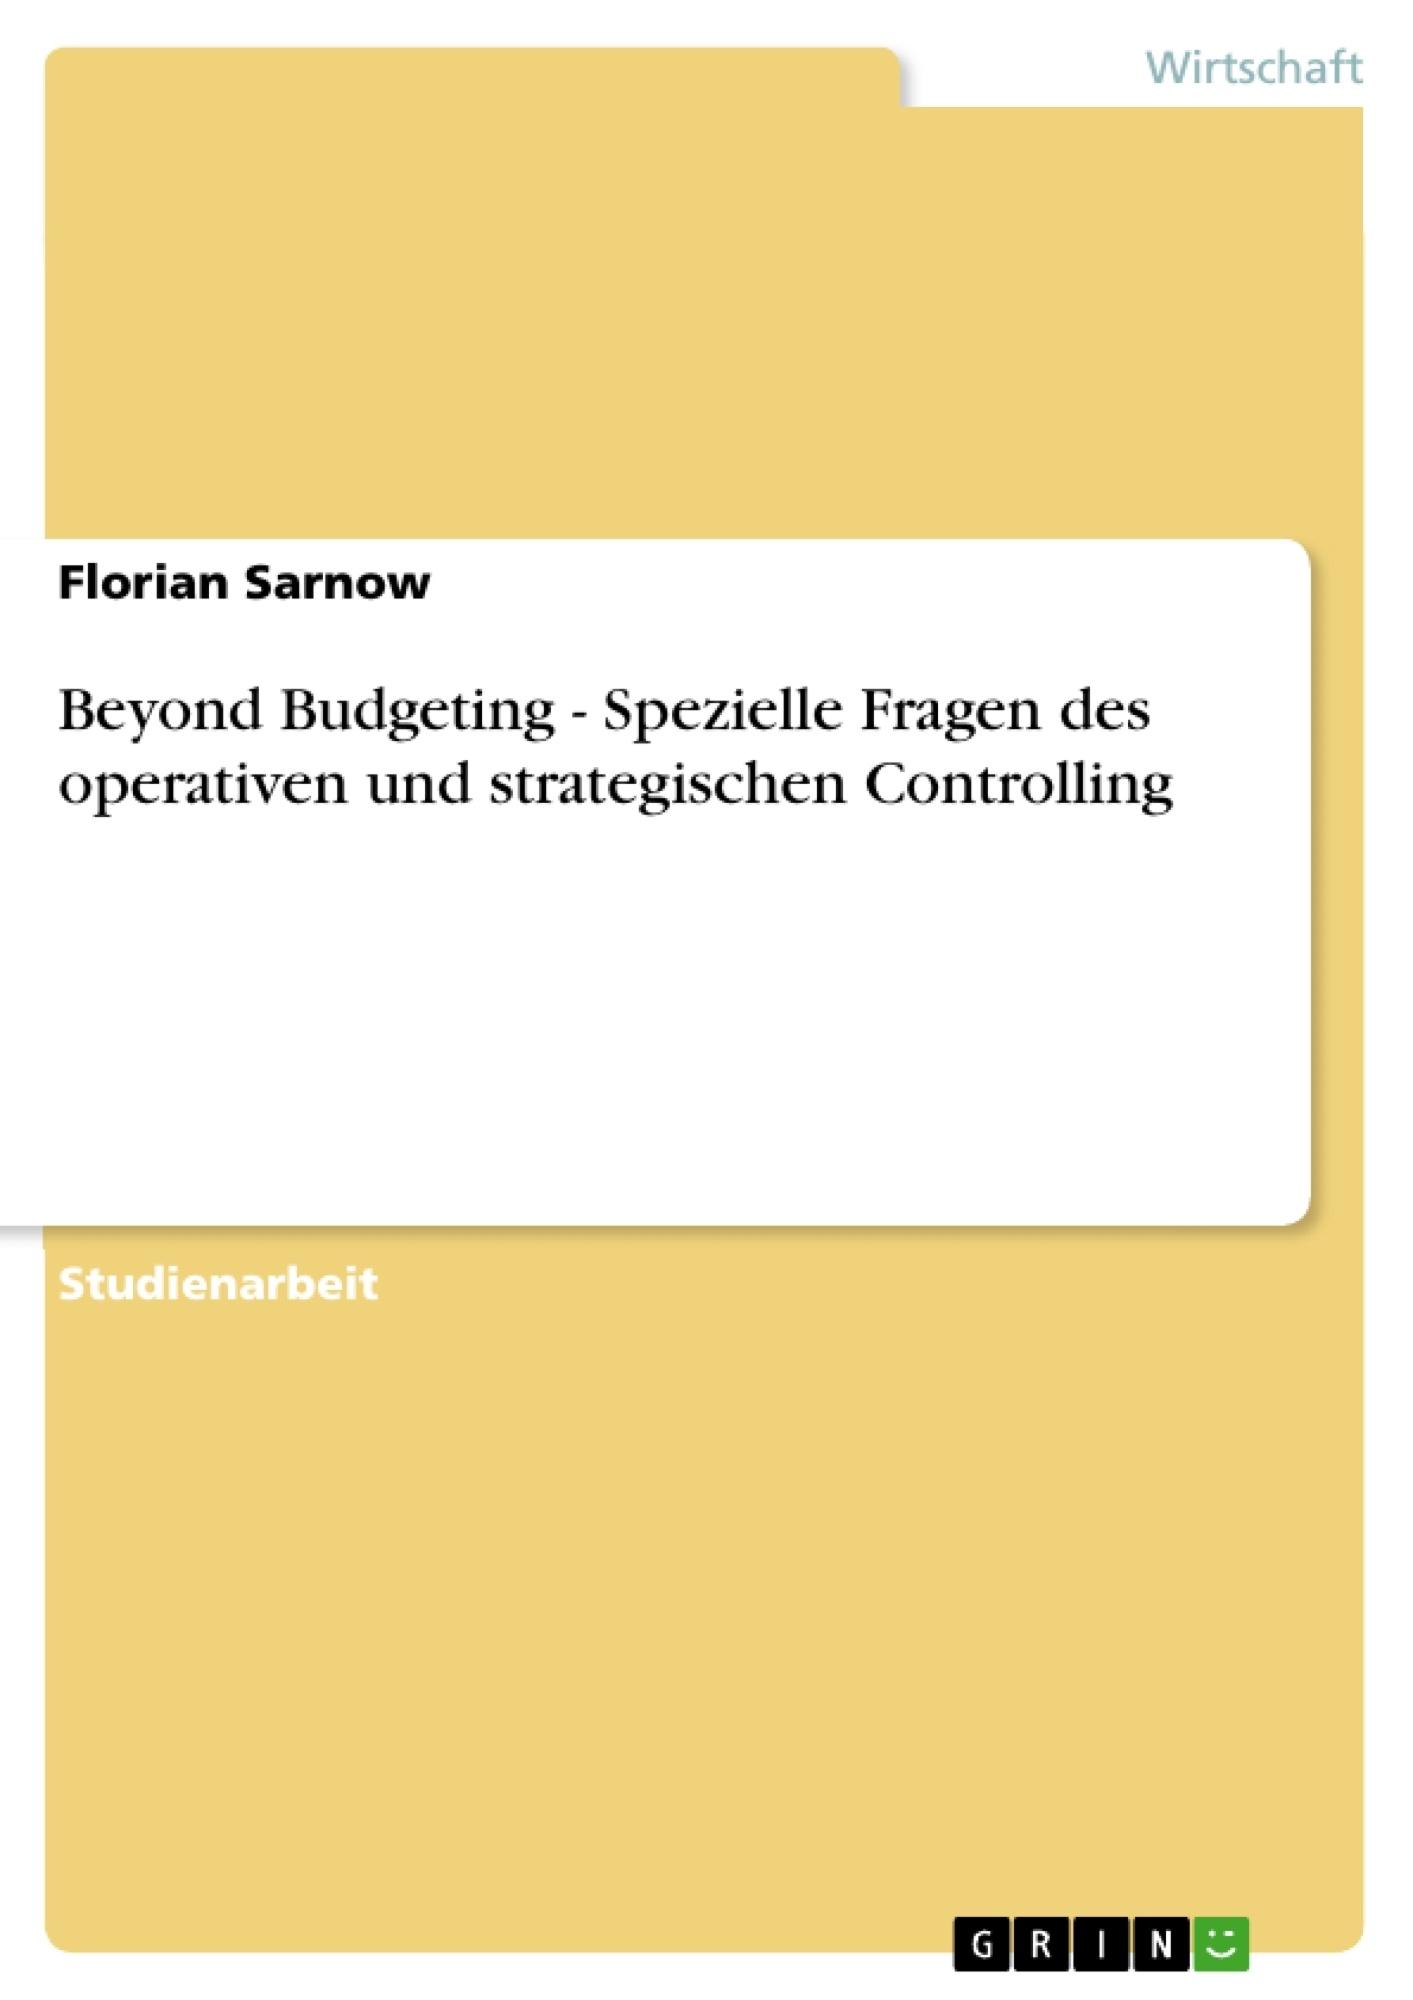 Titel: Beyond Budgeting - Spezielle Fragen des operativen und strategischen Controlling